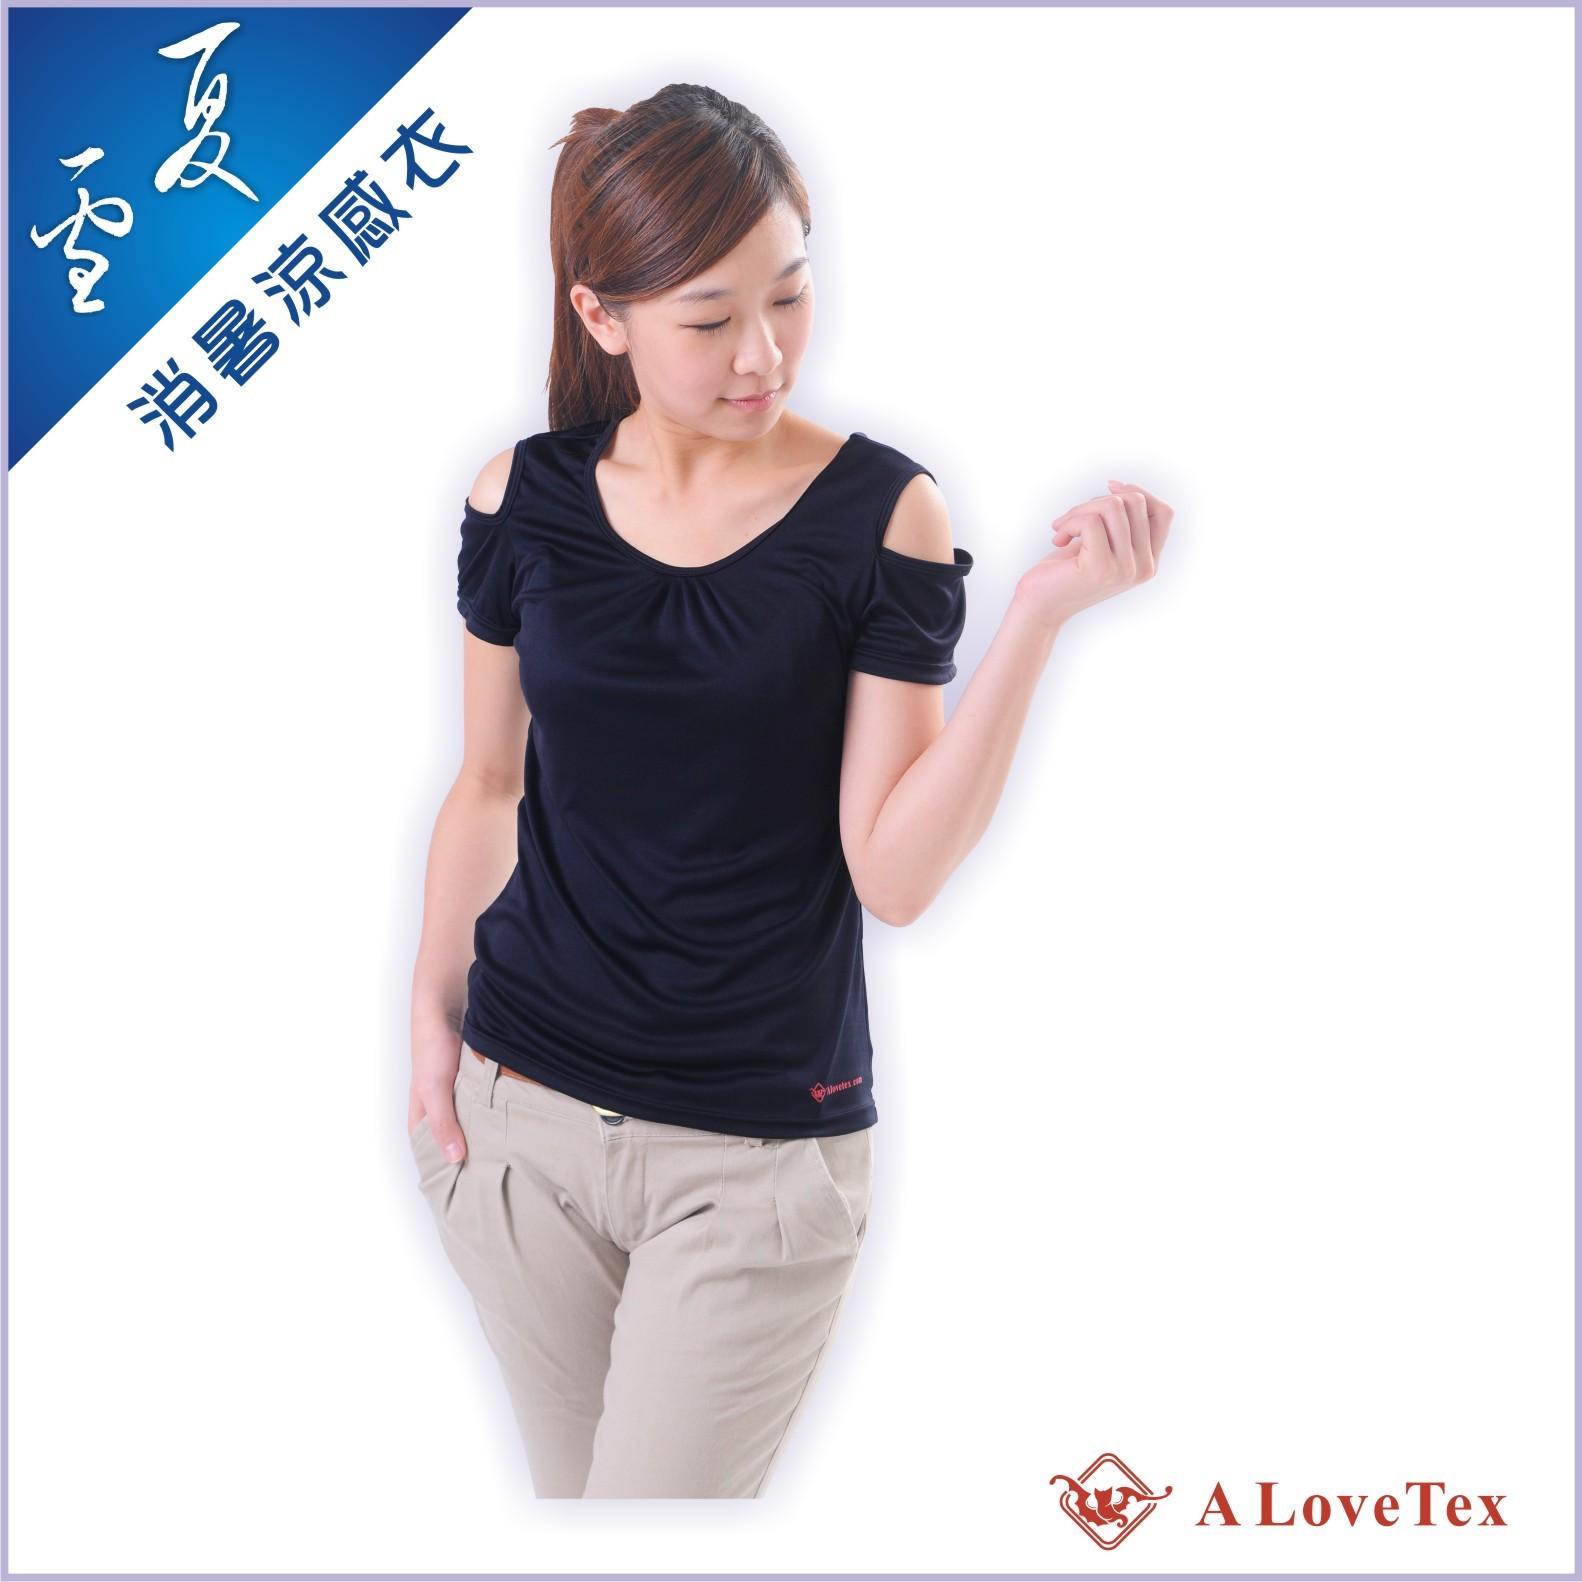 【樂福織品】夏雪 消暑涼感 露肩短袖上衣 – 女 黑色圓領